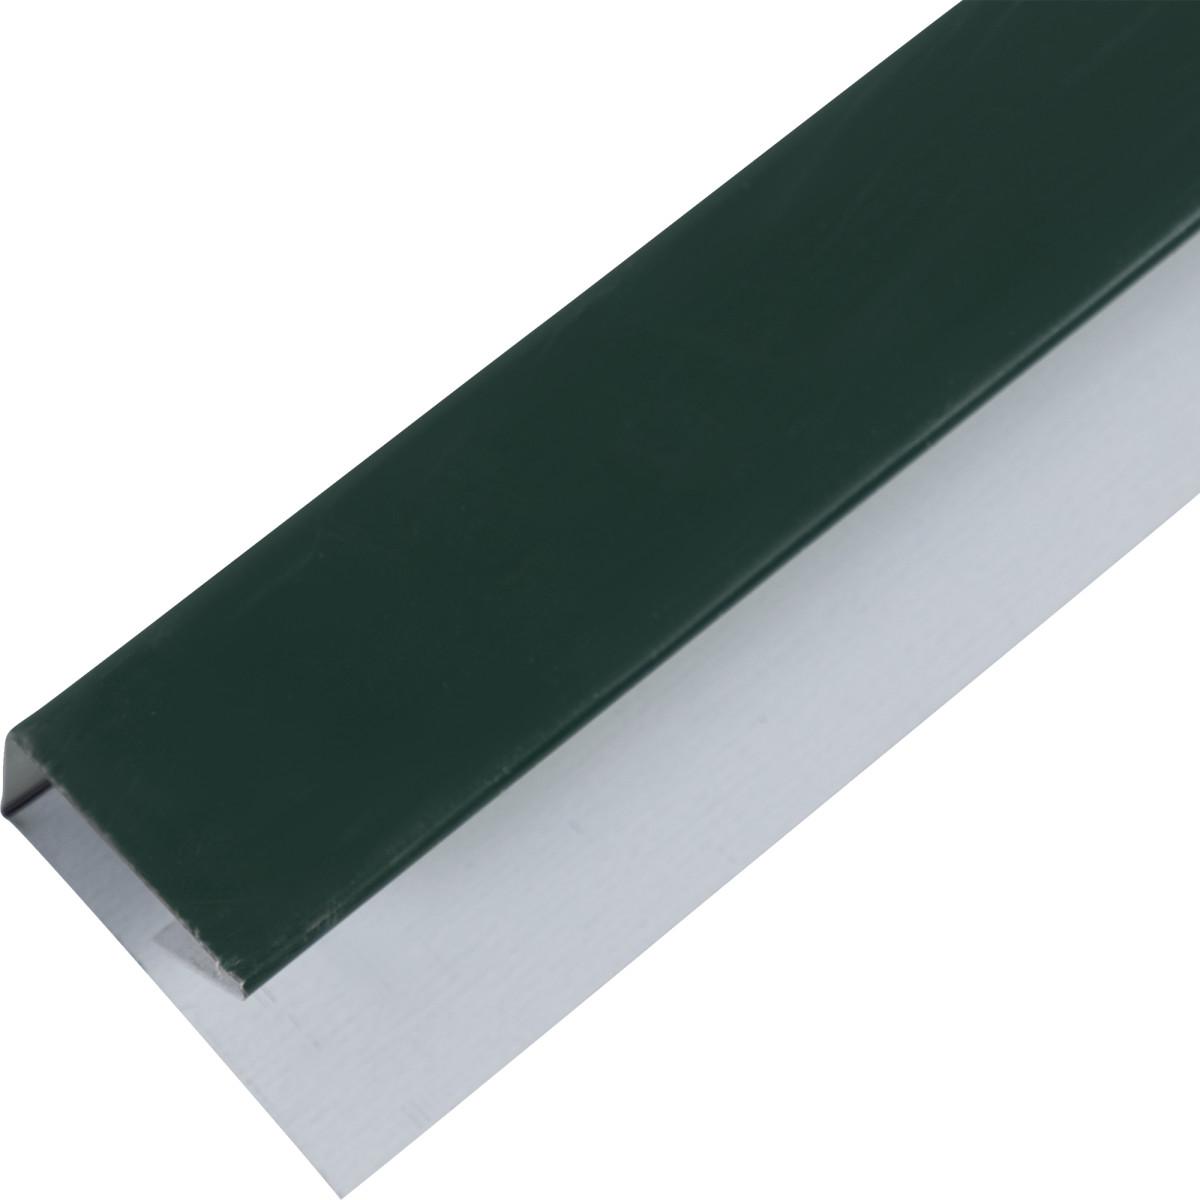 П-планка для профнастила цвет зелёный